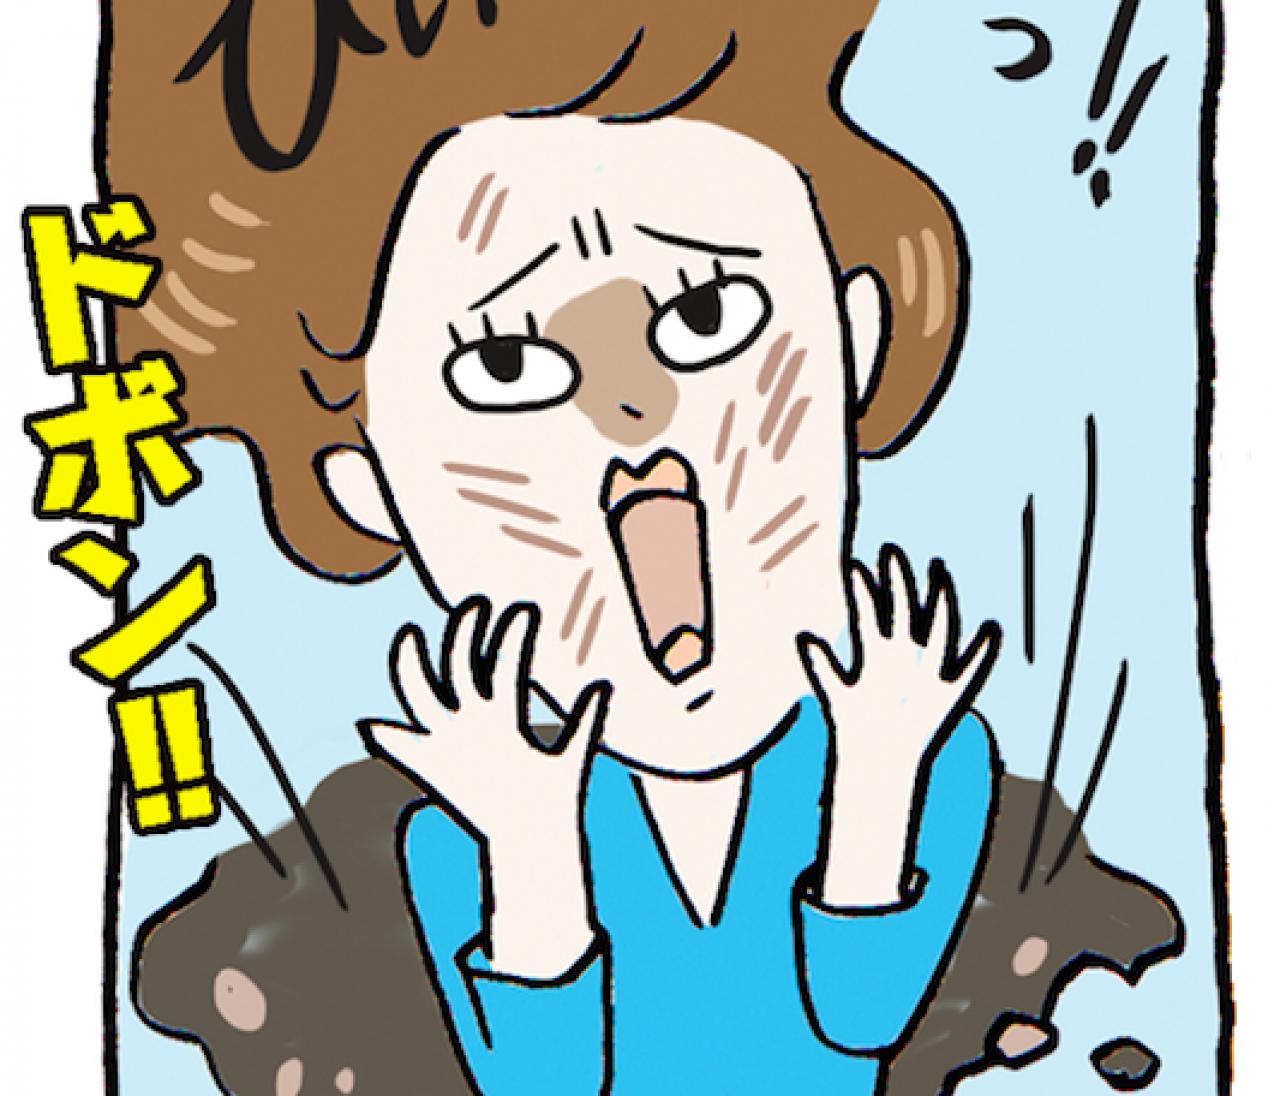 送風で老け顔が加速?! ハマるなキケン!【扇風機乾燥地獄穴】 大人の夏スキンケア